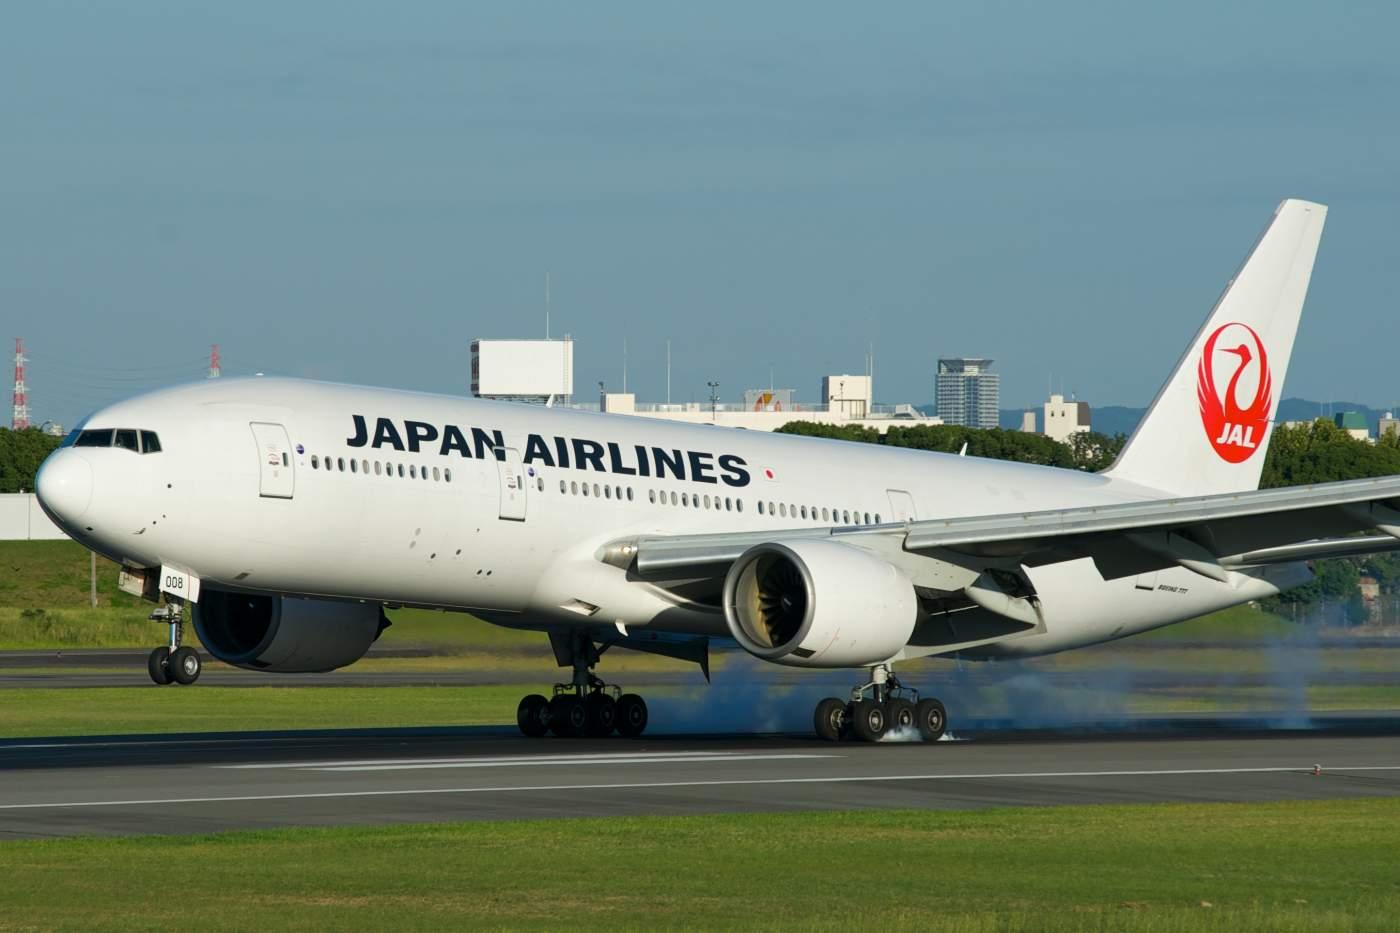 Japan Airlines Boeing 777 Pratt & Whitney